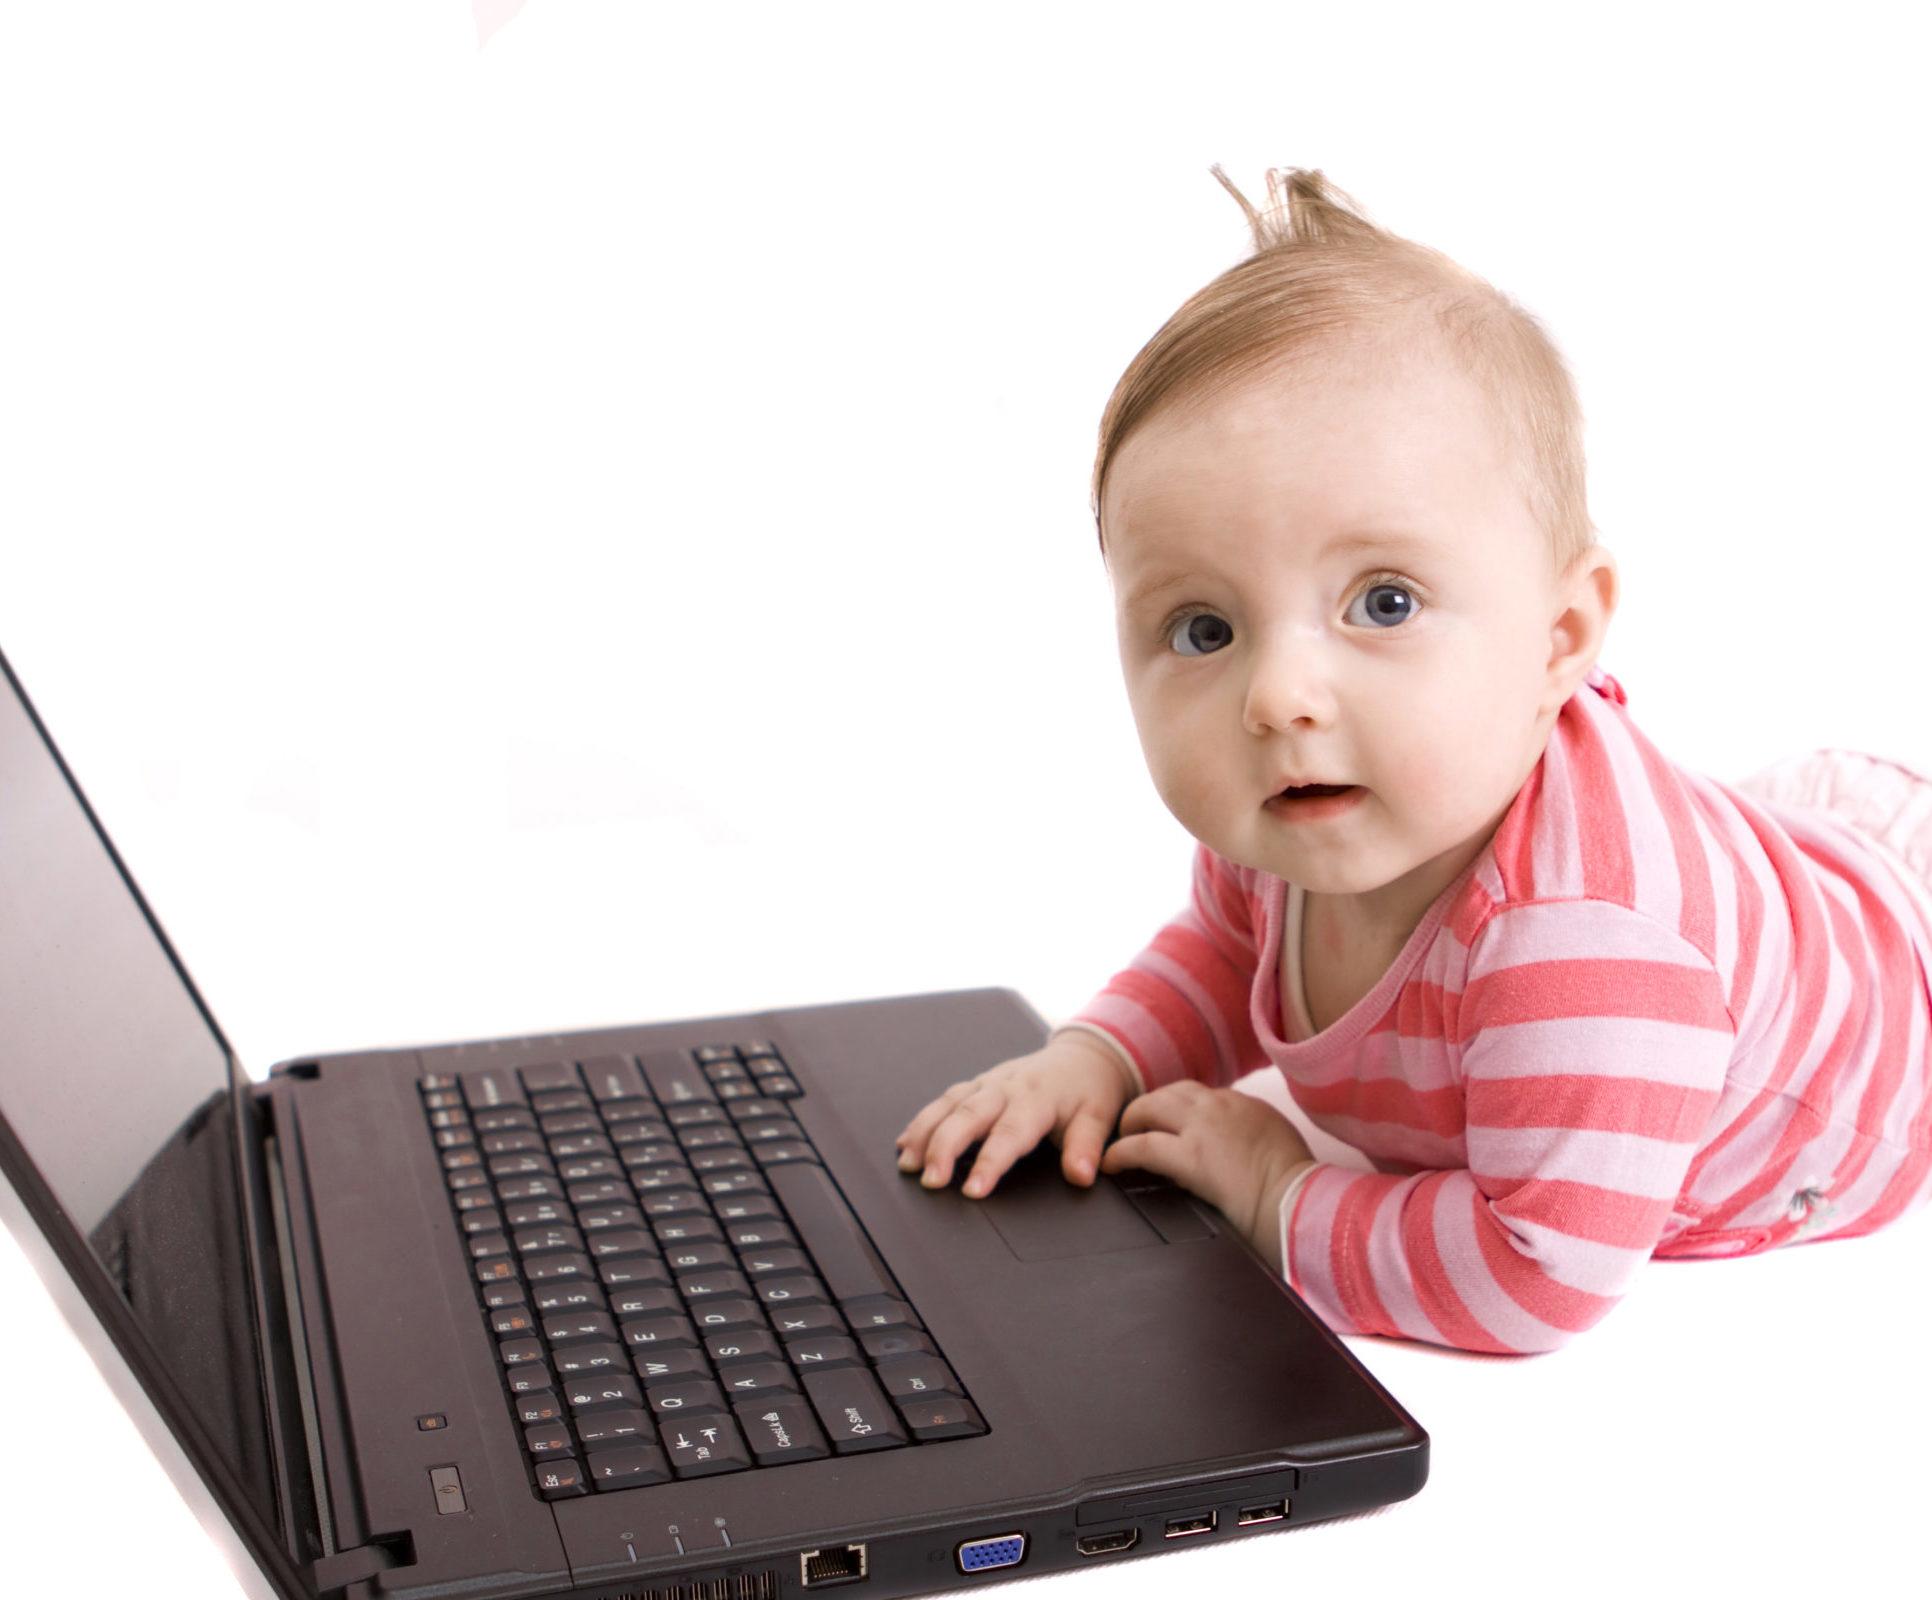 ein auf dem Bauch liegendes Baby hat eine Hand auf dem Laptop, der vor ihm am Boden aufgeklappt steht, schaut in die Kamera